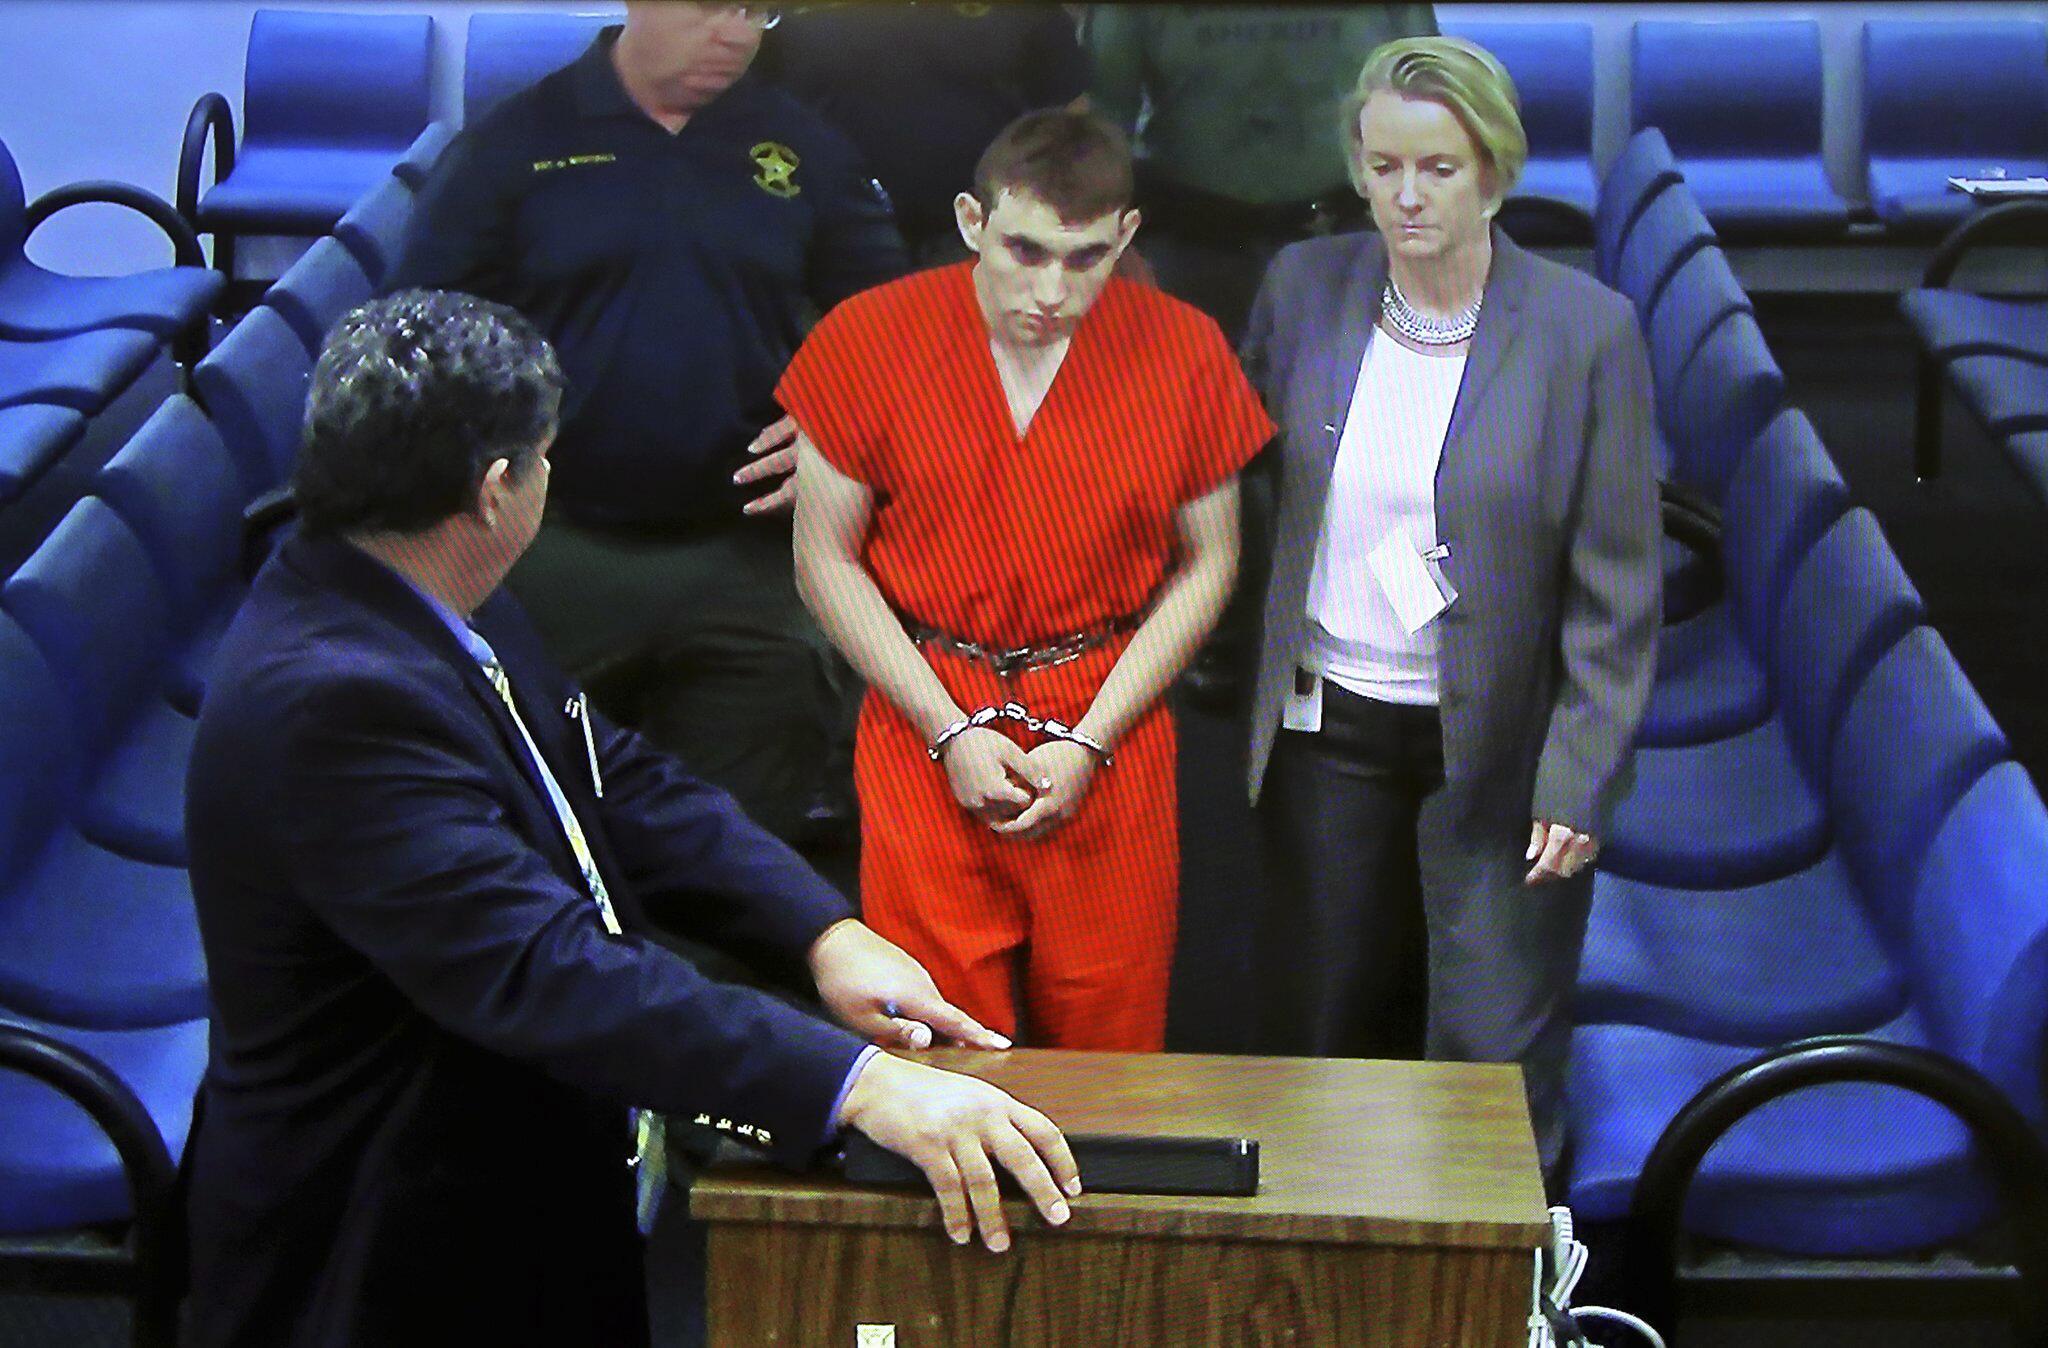 Bild zu Massaker an Highschool in Florida